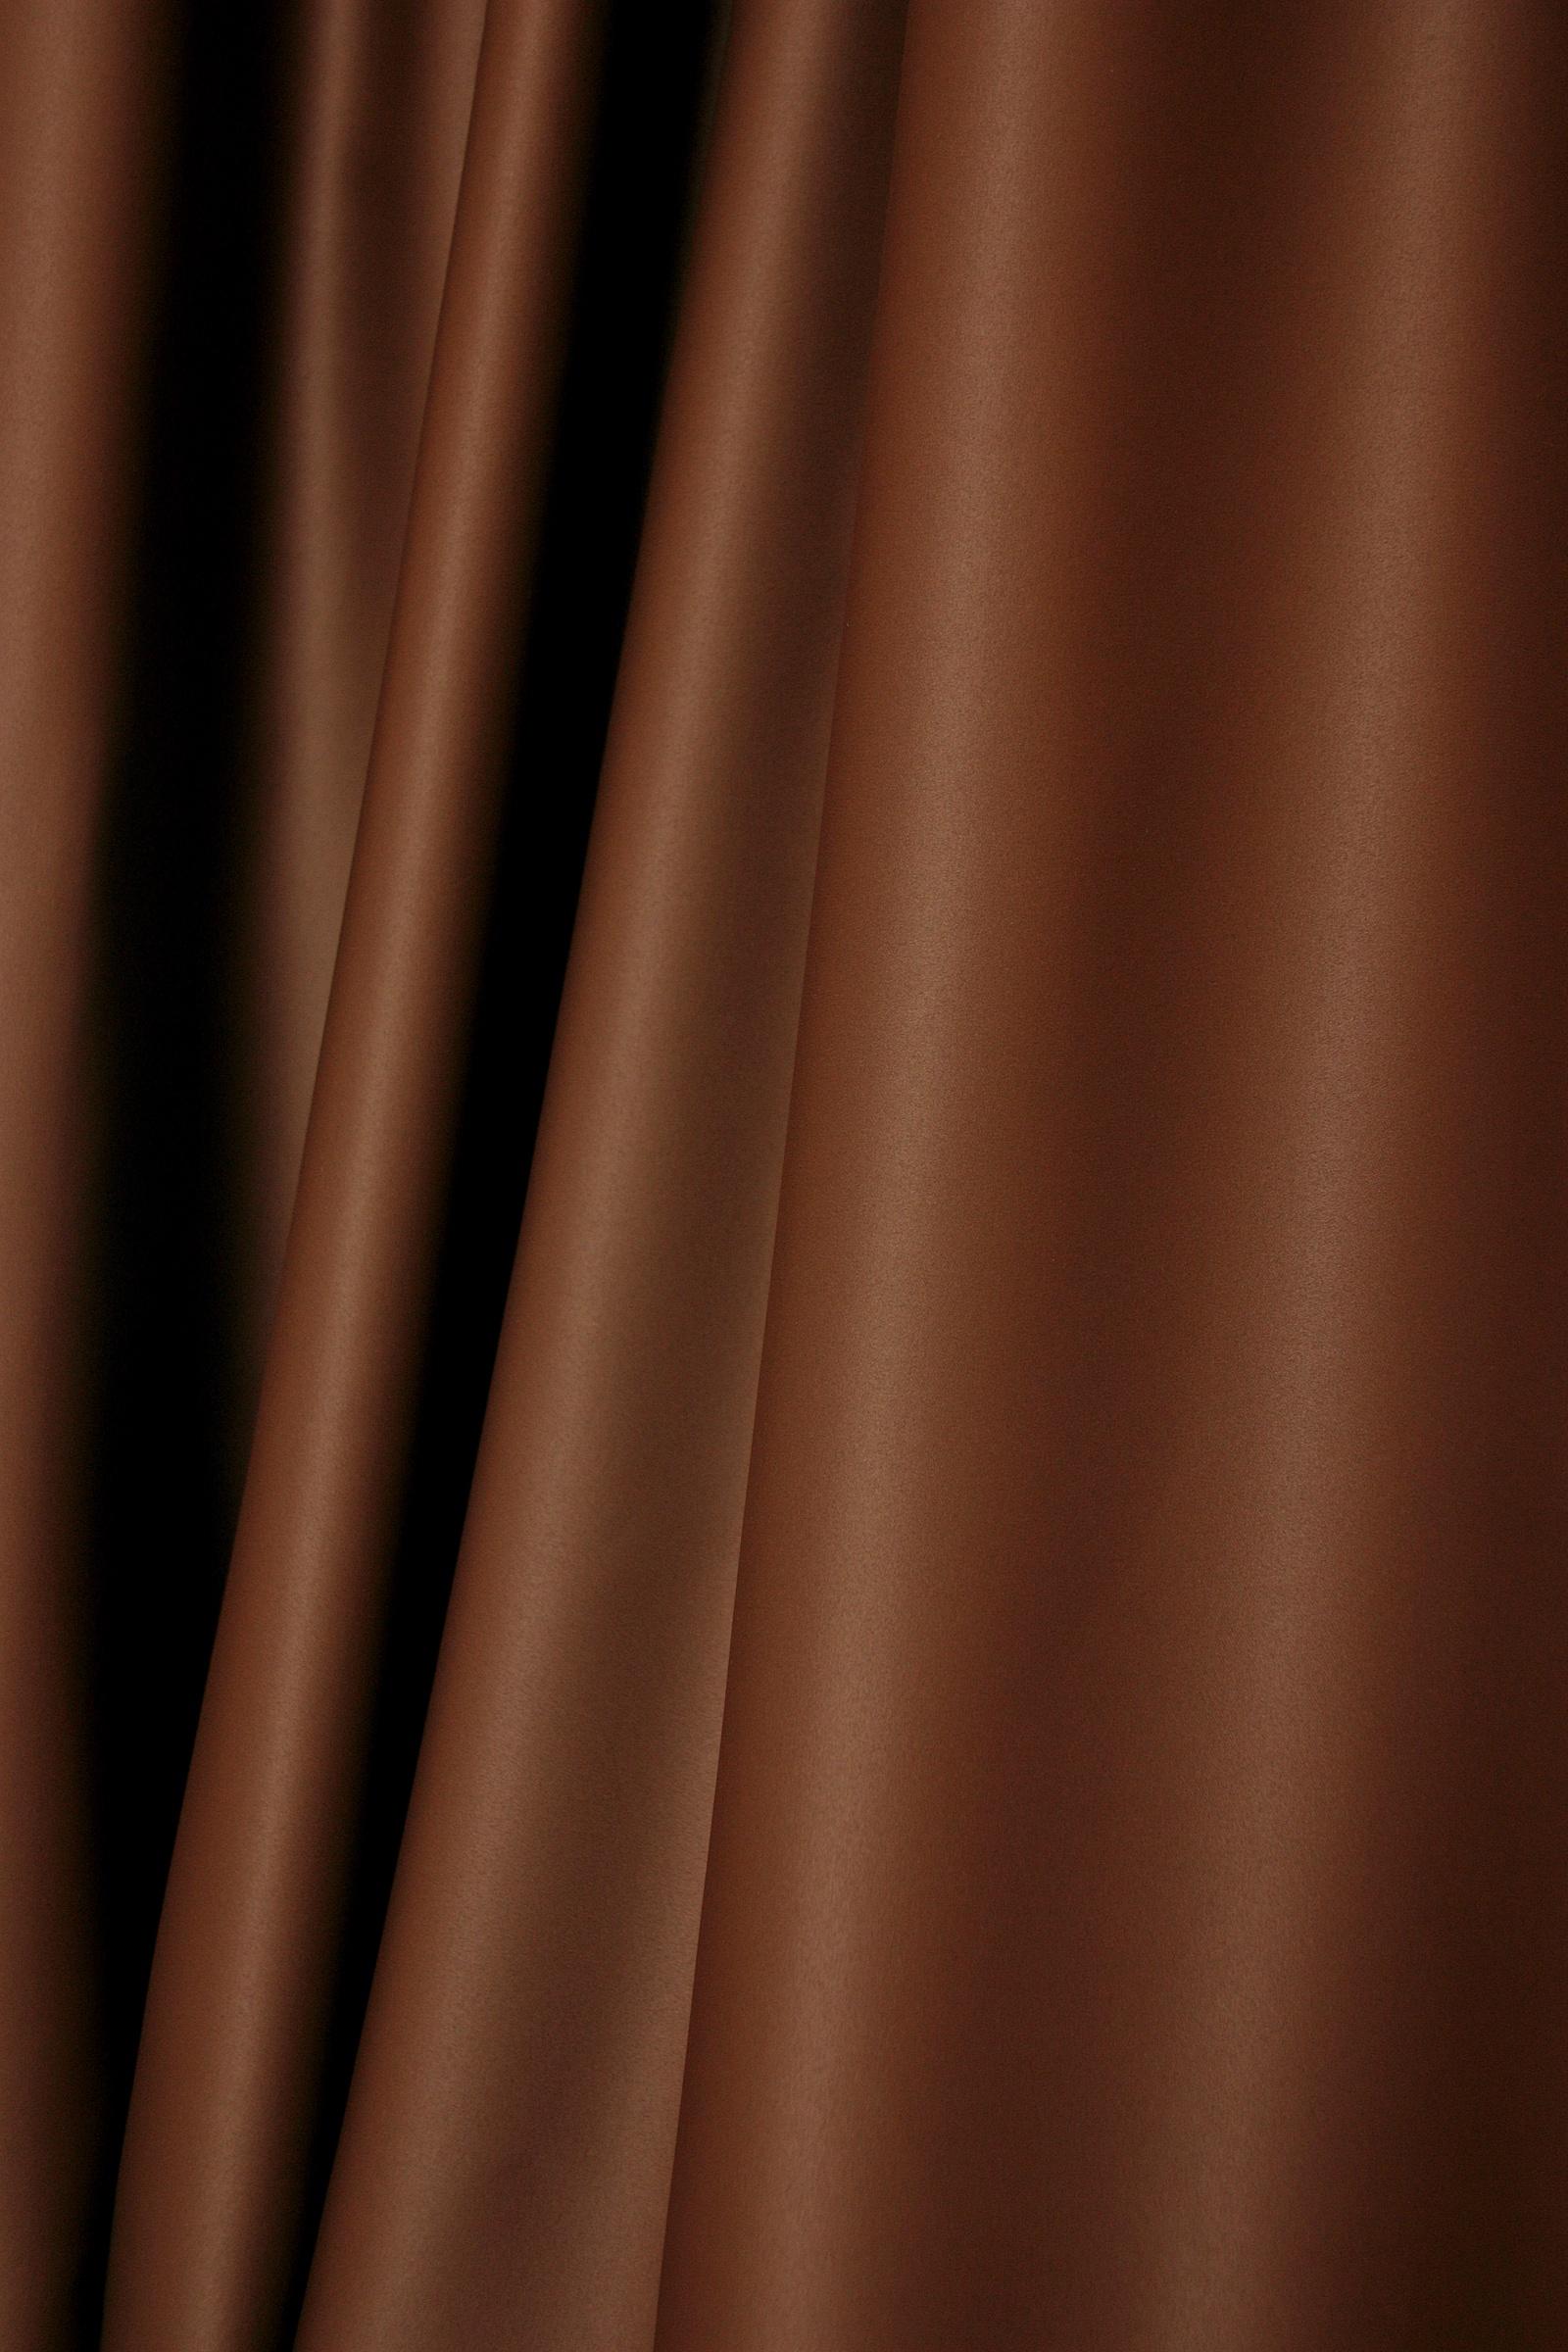 пожелания картинки коричневый шоколадный квартир абада